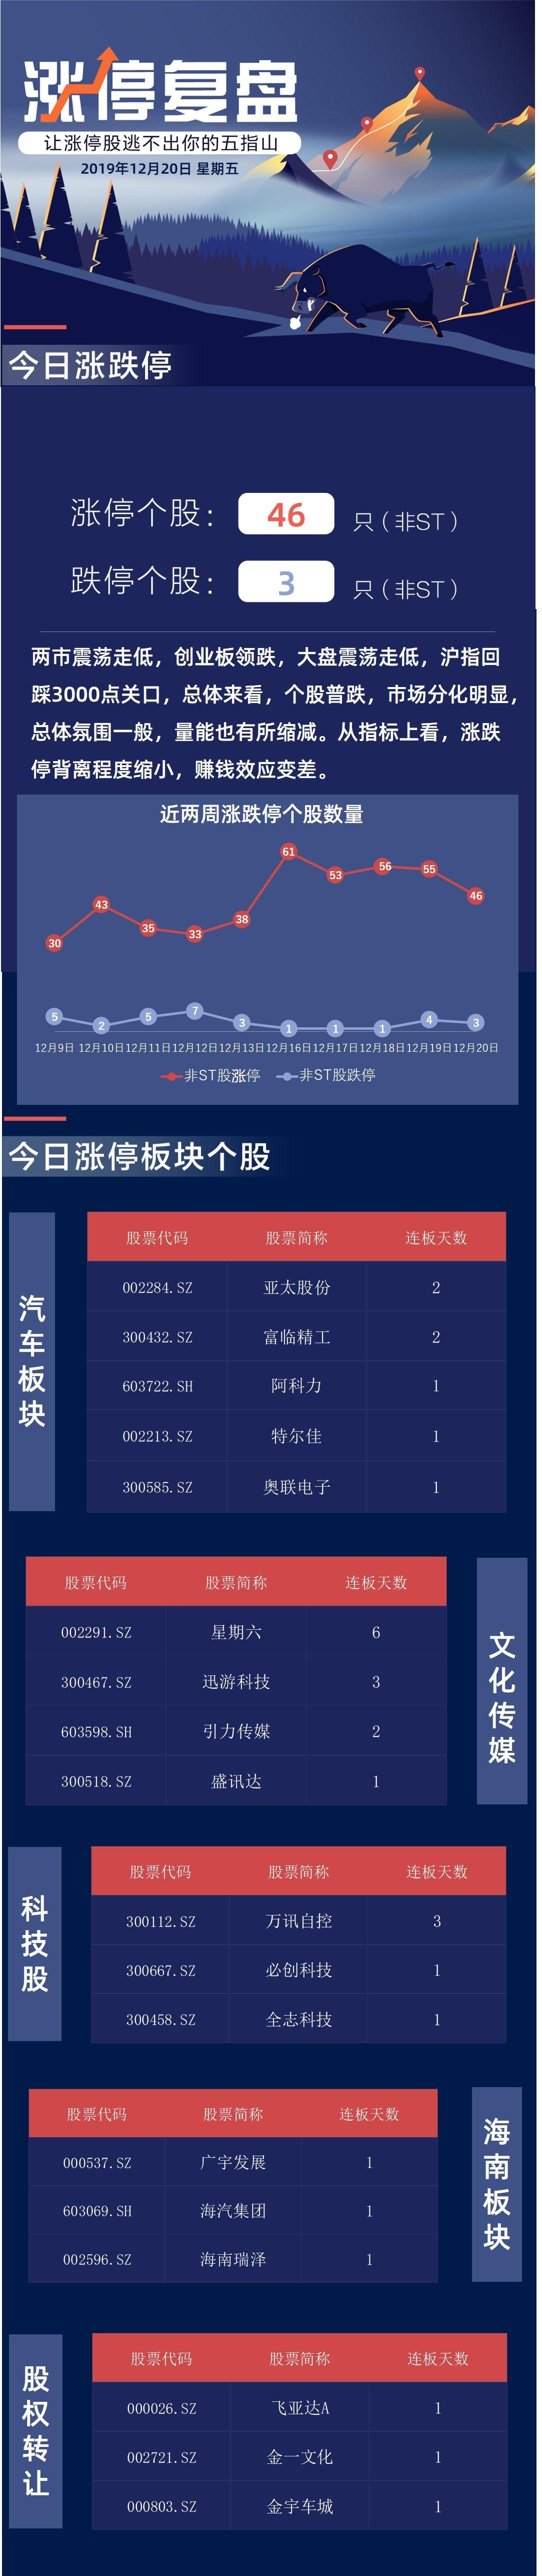 武汉:全力推进方舱医院建设努力提高治愈率